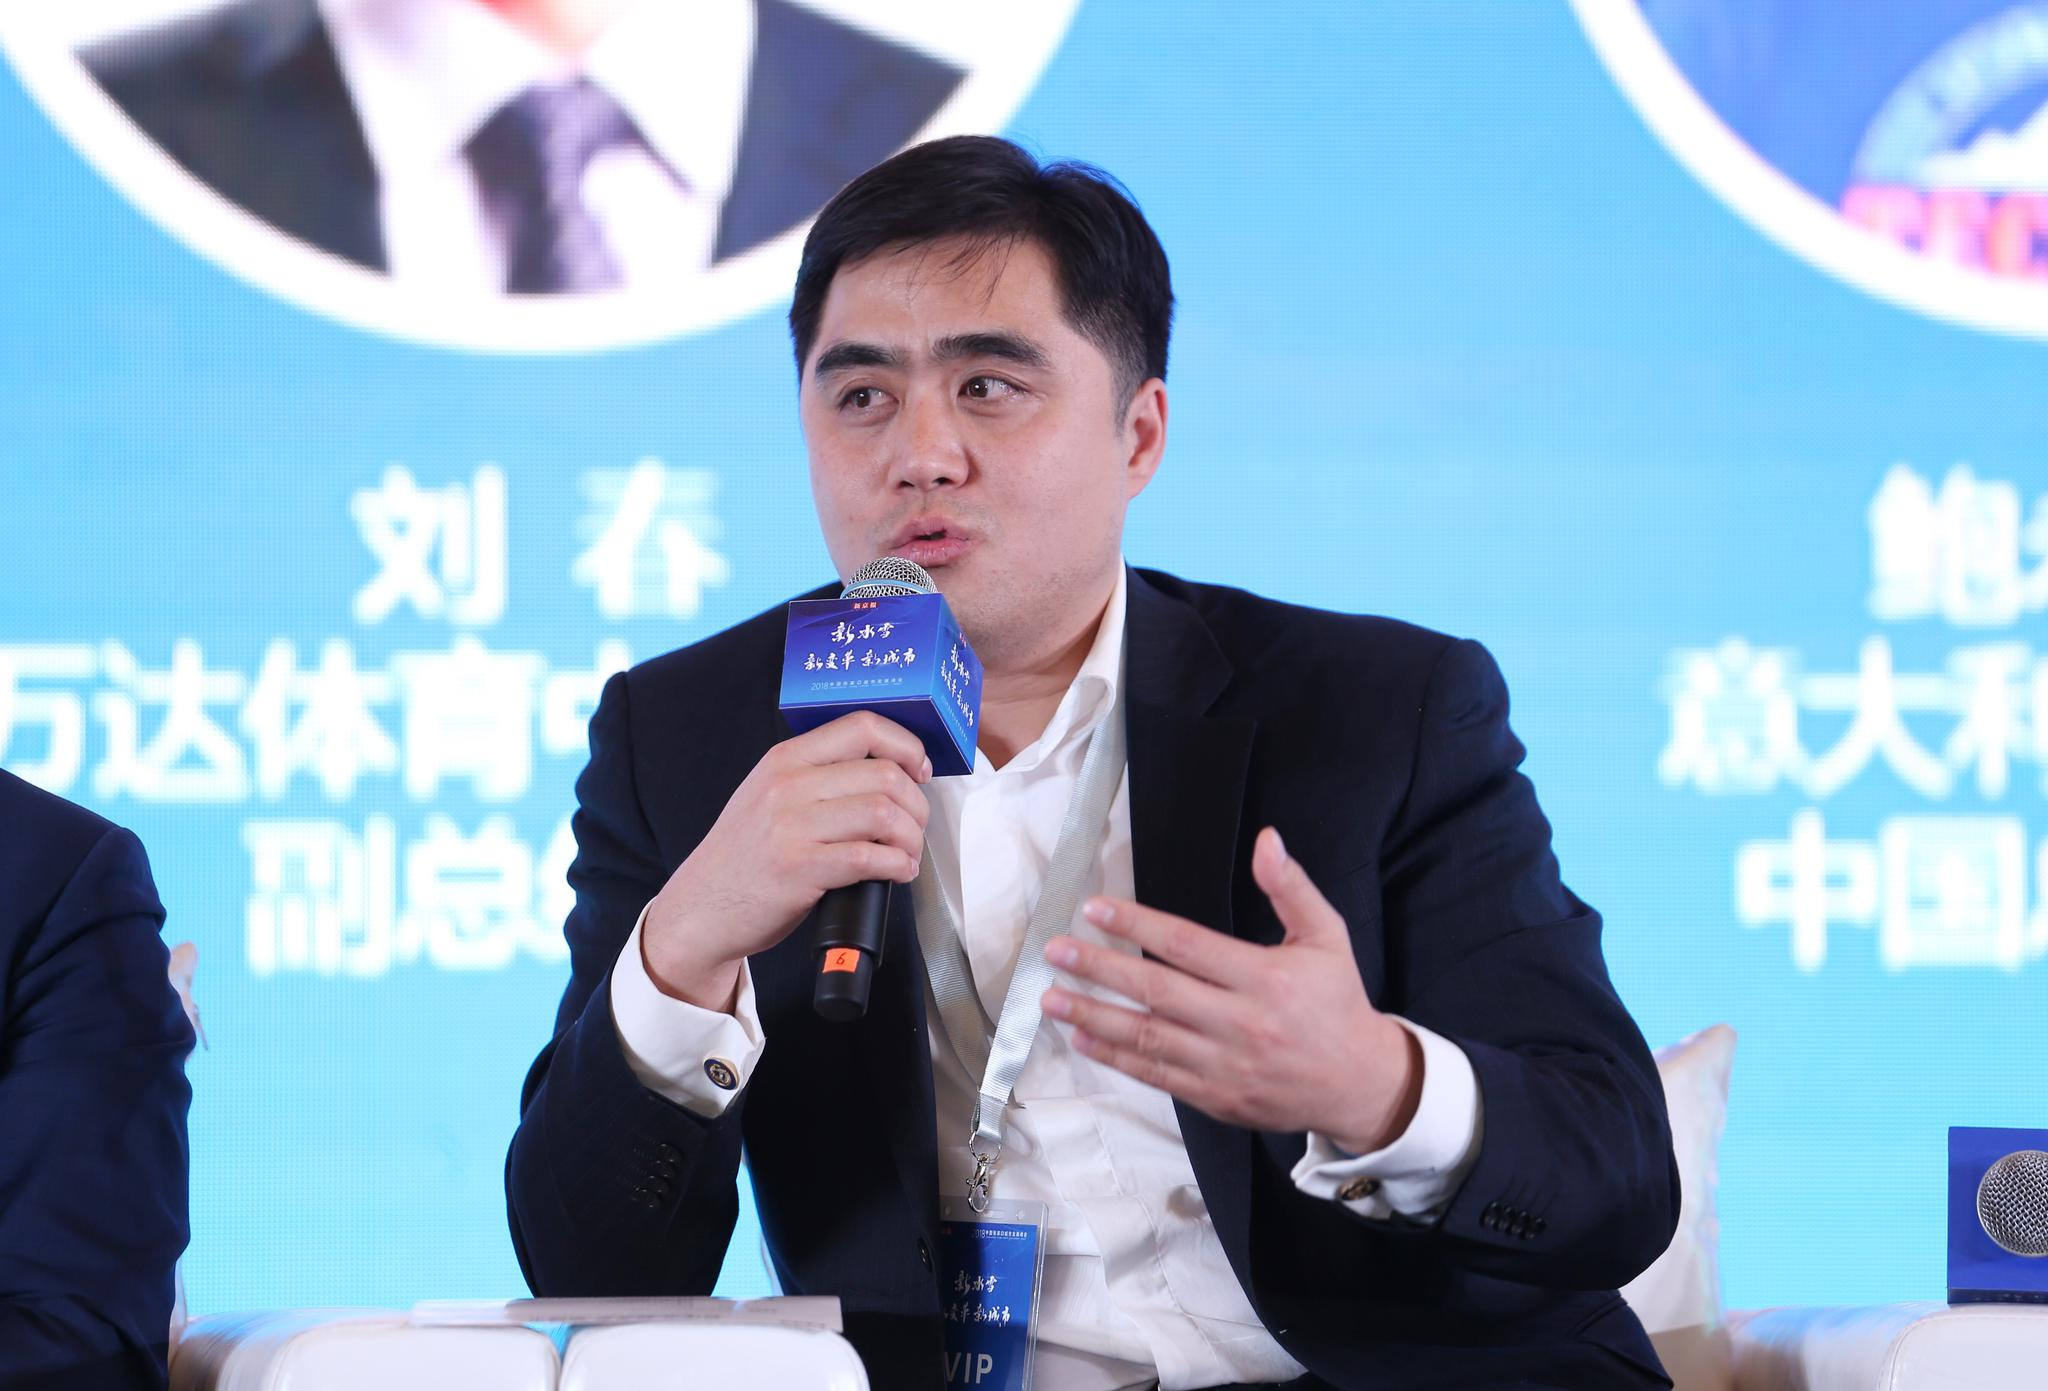 万达体育中国公司副总经理刘春.摄影/王贵彬